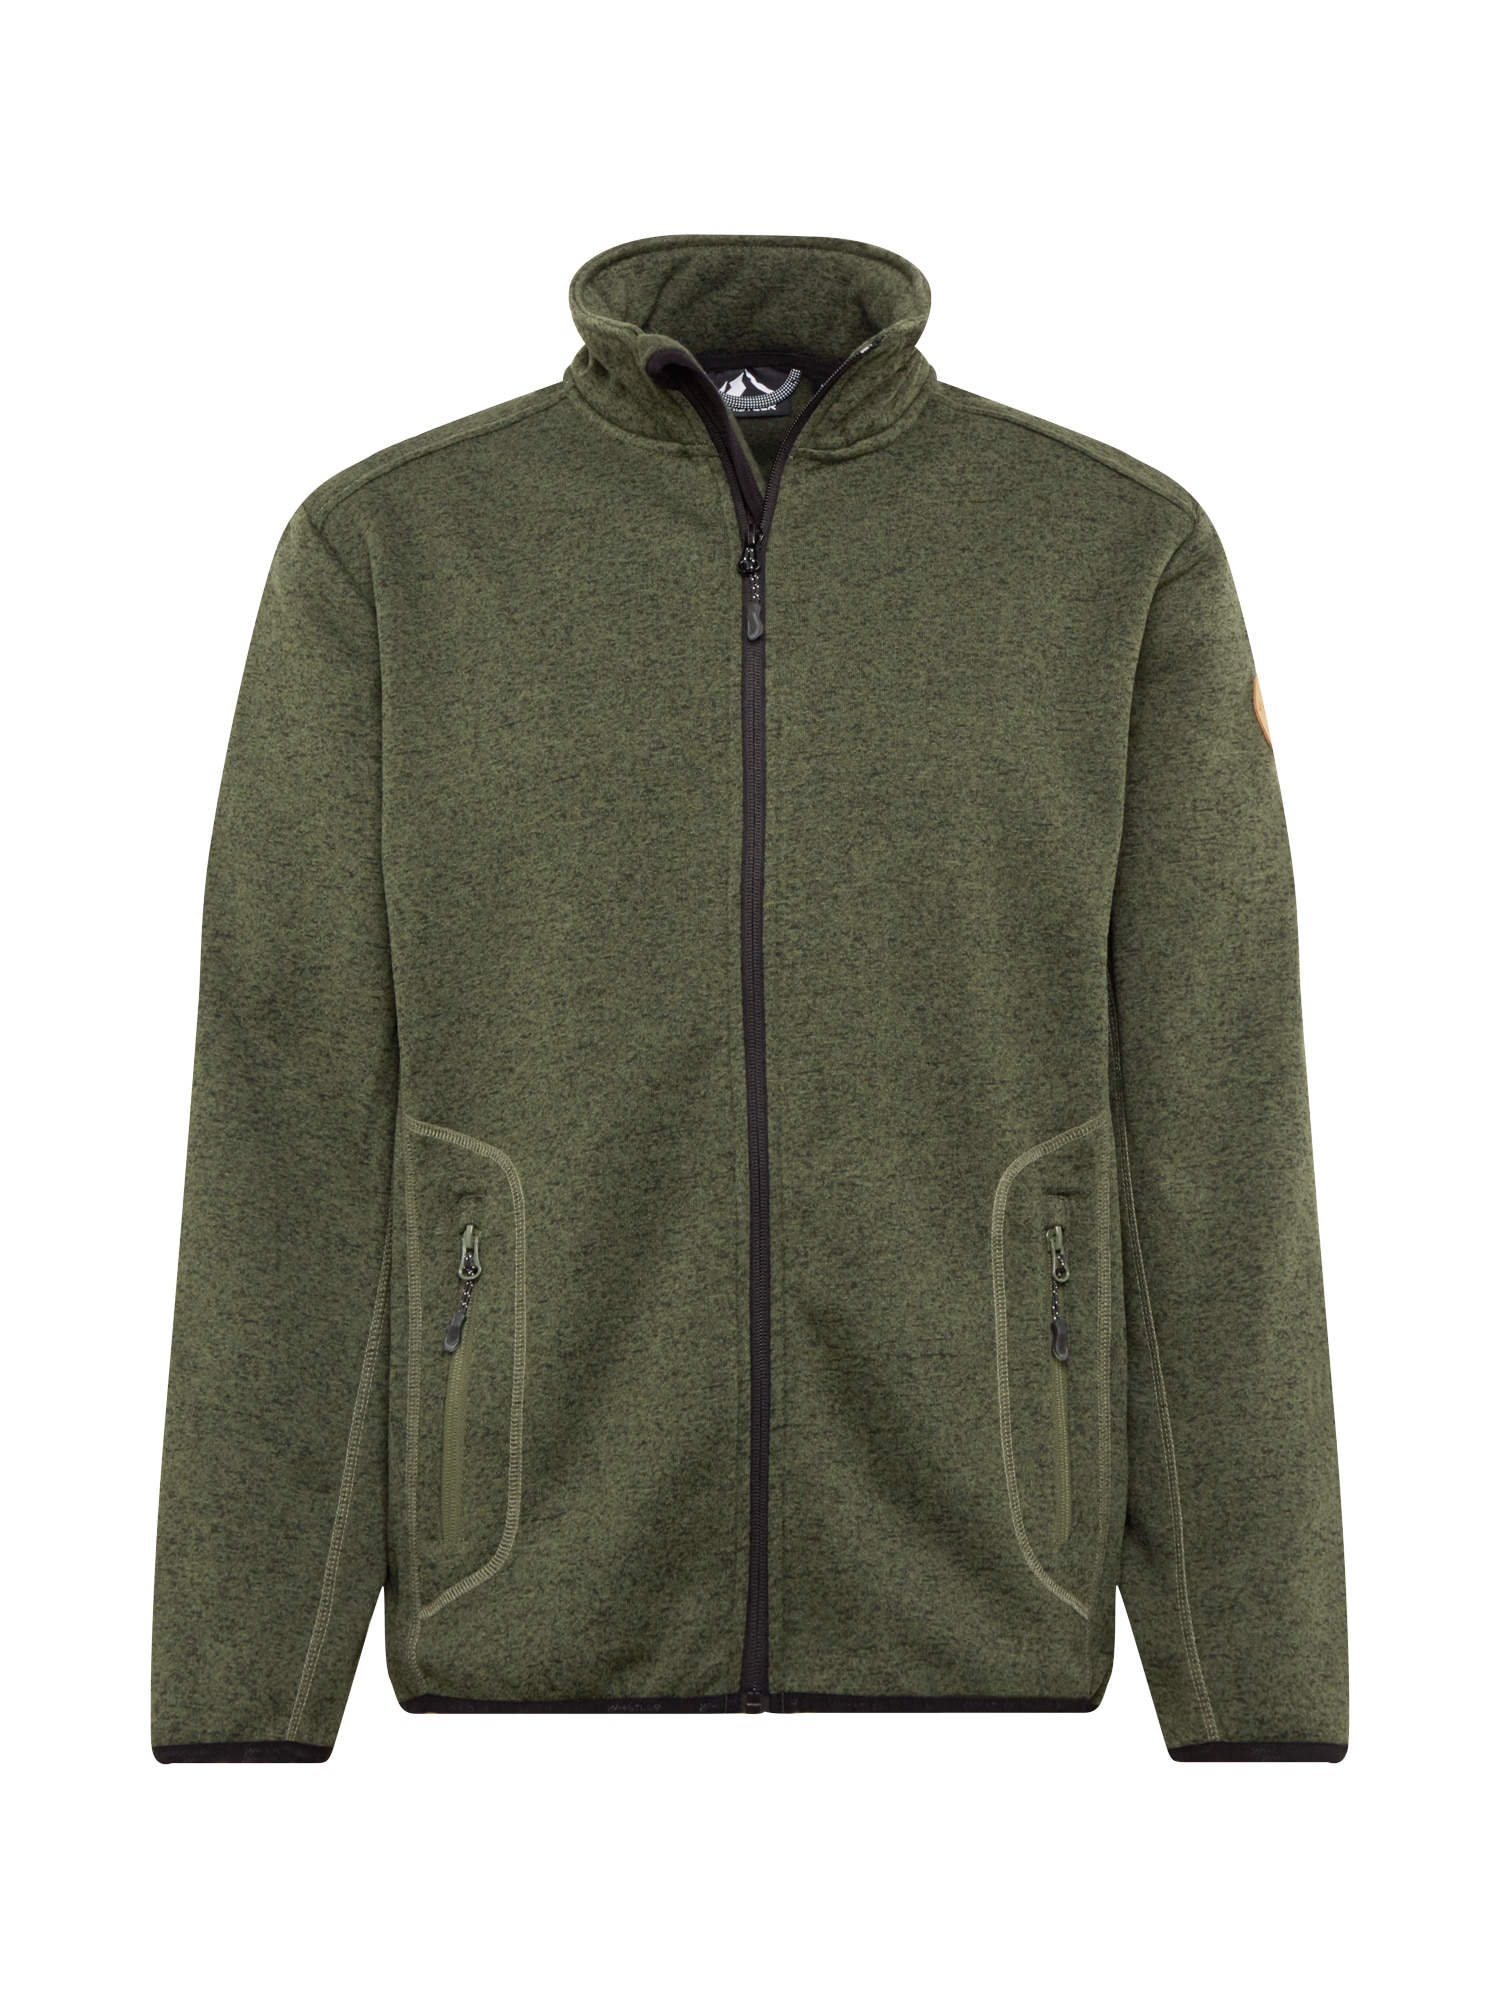 Whistler Funkcinis flisinis džemperis alyvuogių spalva